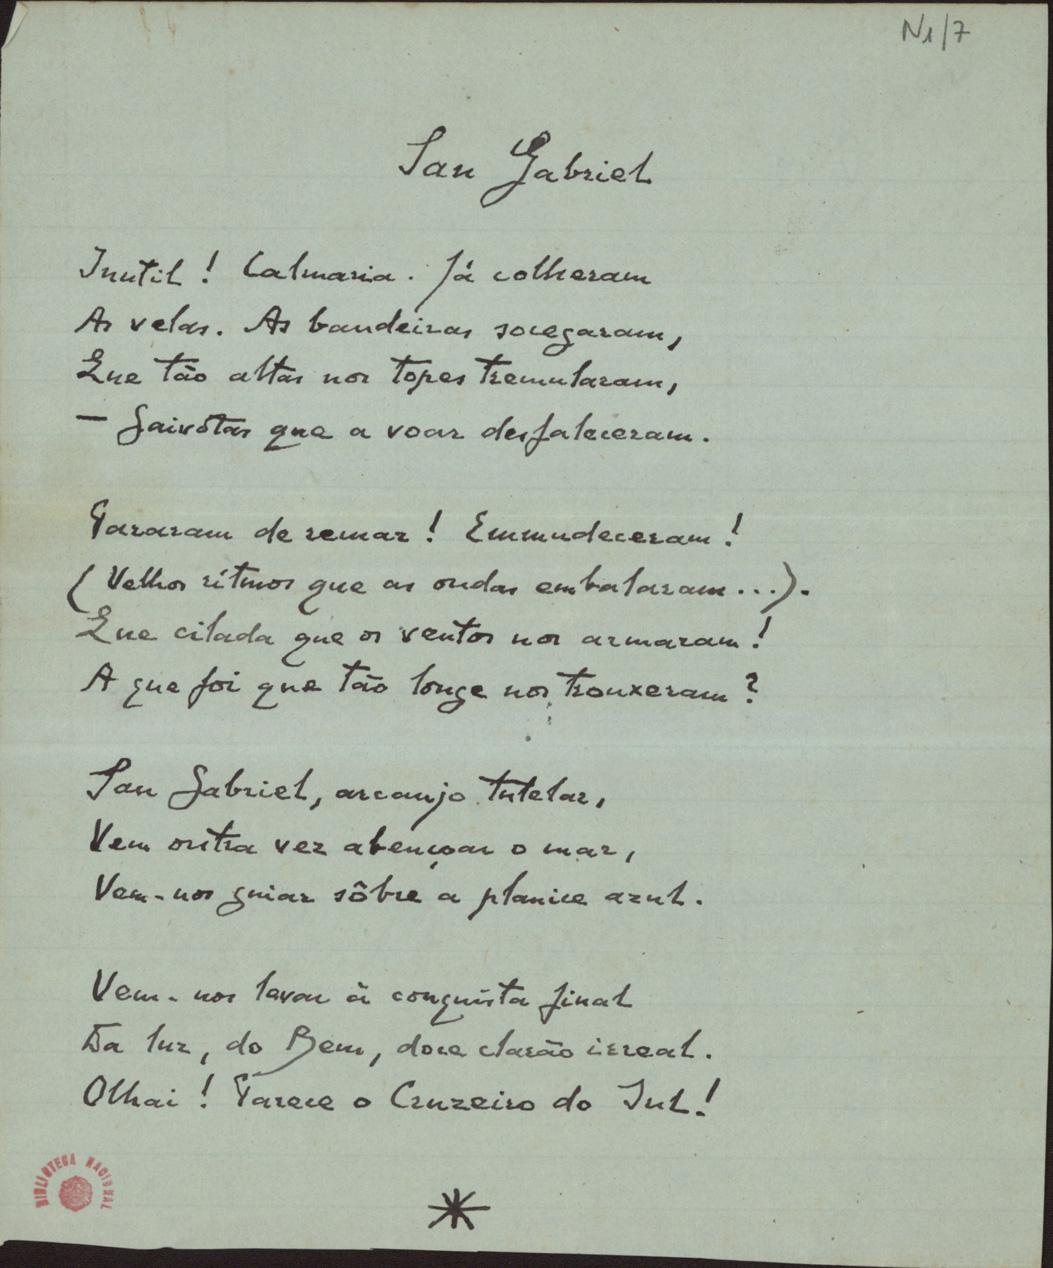 San Gabriel, 1898; Macau; [2] p.; ms. Nota(s): 1º vº :«Inutil! Calmaria. Já colheram». Letra do punho de José Pessanha. Publicado em «Jornal Único», Macau, 1898 e reunido em «Clépsidra». Lisboa : Ática, 1945, p. 45-48. BNP Esp. N1/7